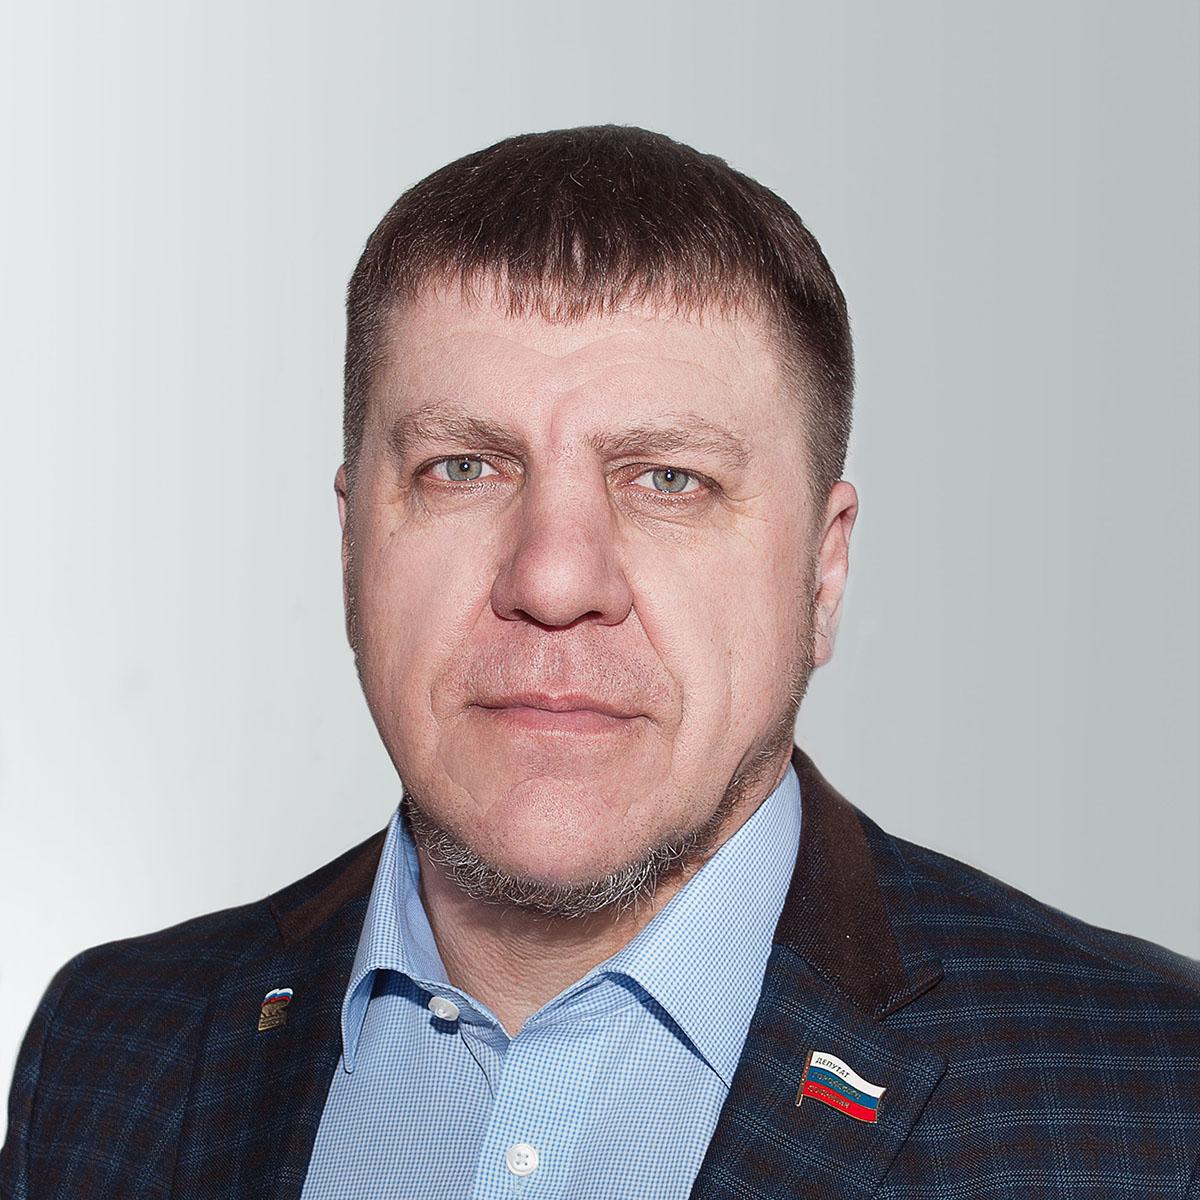 Константин НиколаевичПанкратьев